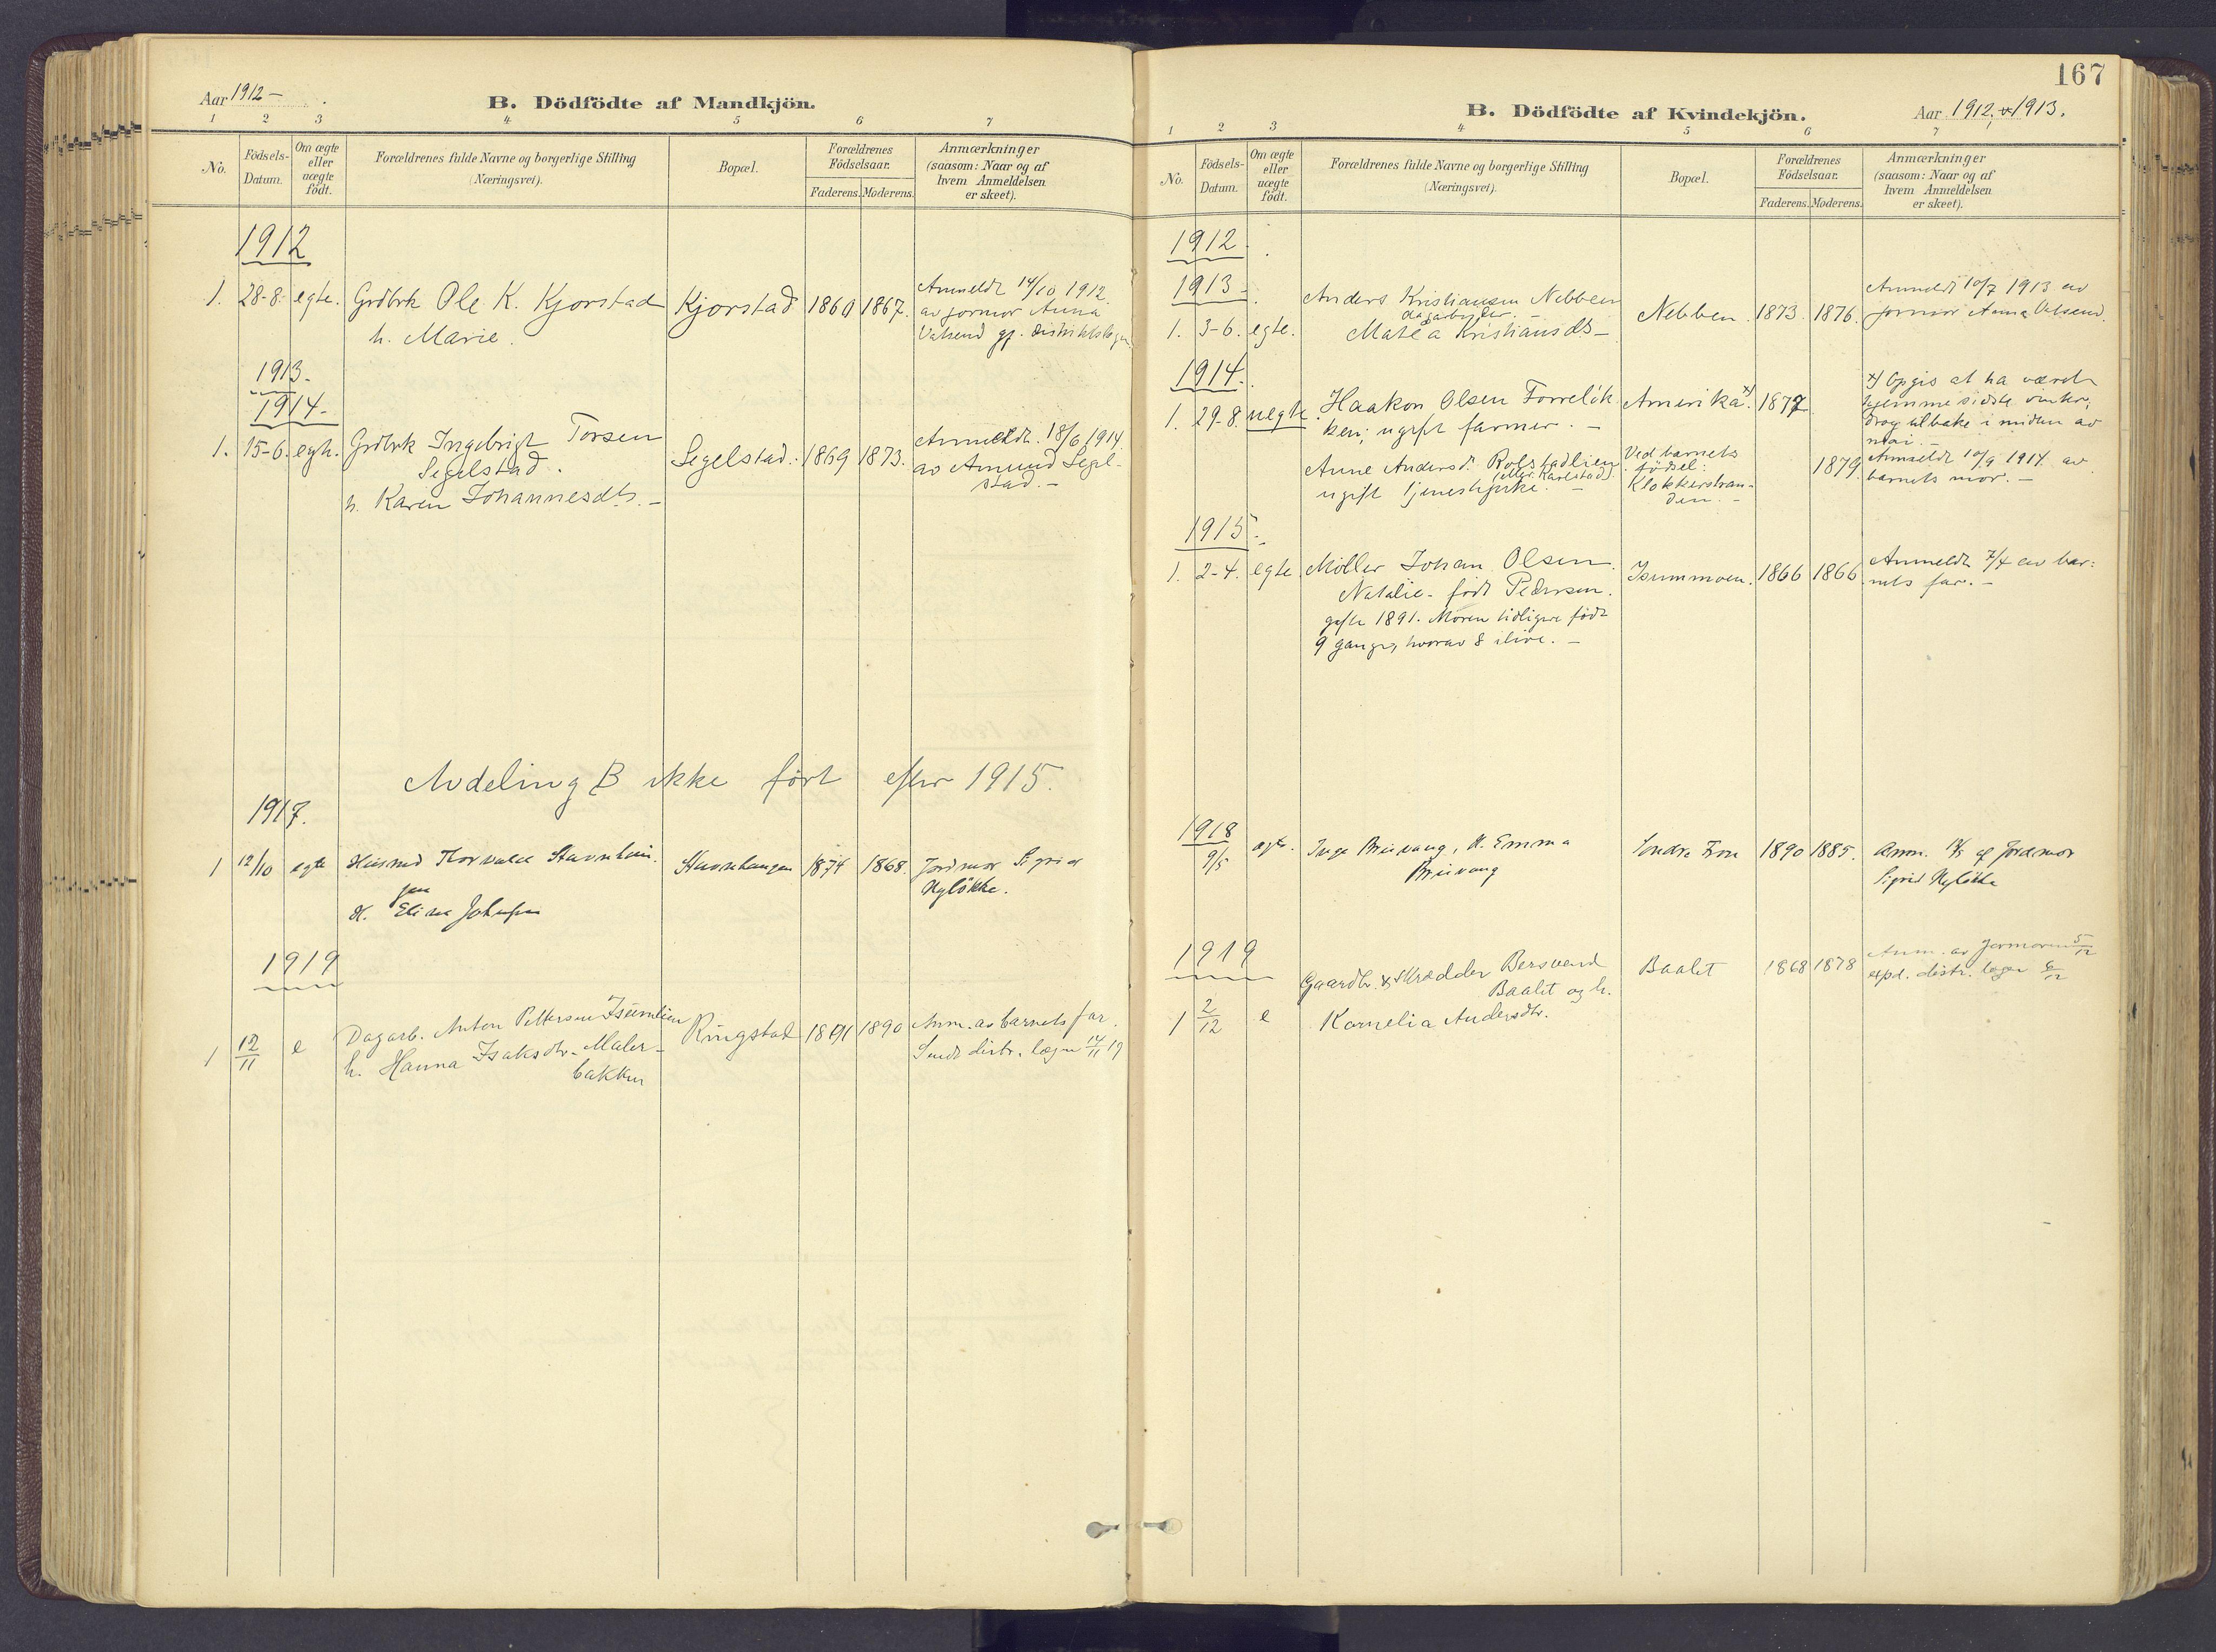 SAH, Sør-Fron prestekontor, H/Ha/Haa/L0004: Ministerialbok nr. 4, 1898-1919, s. 167